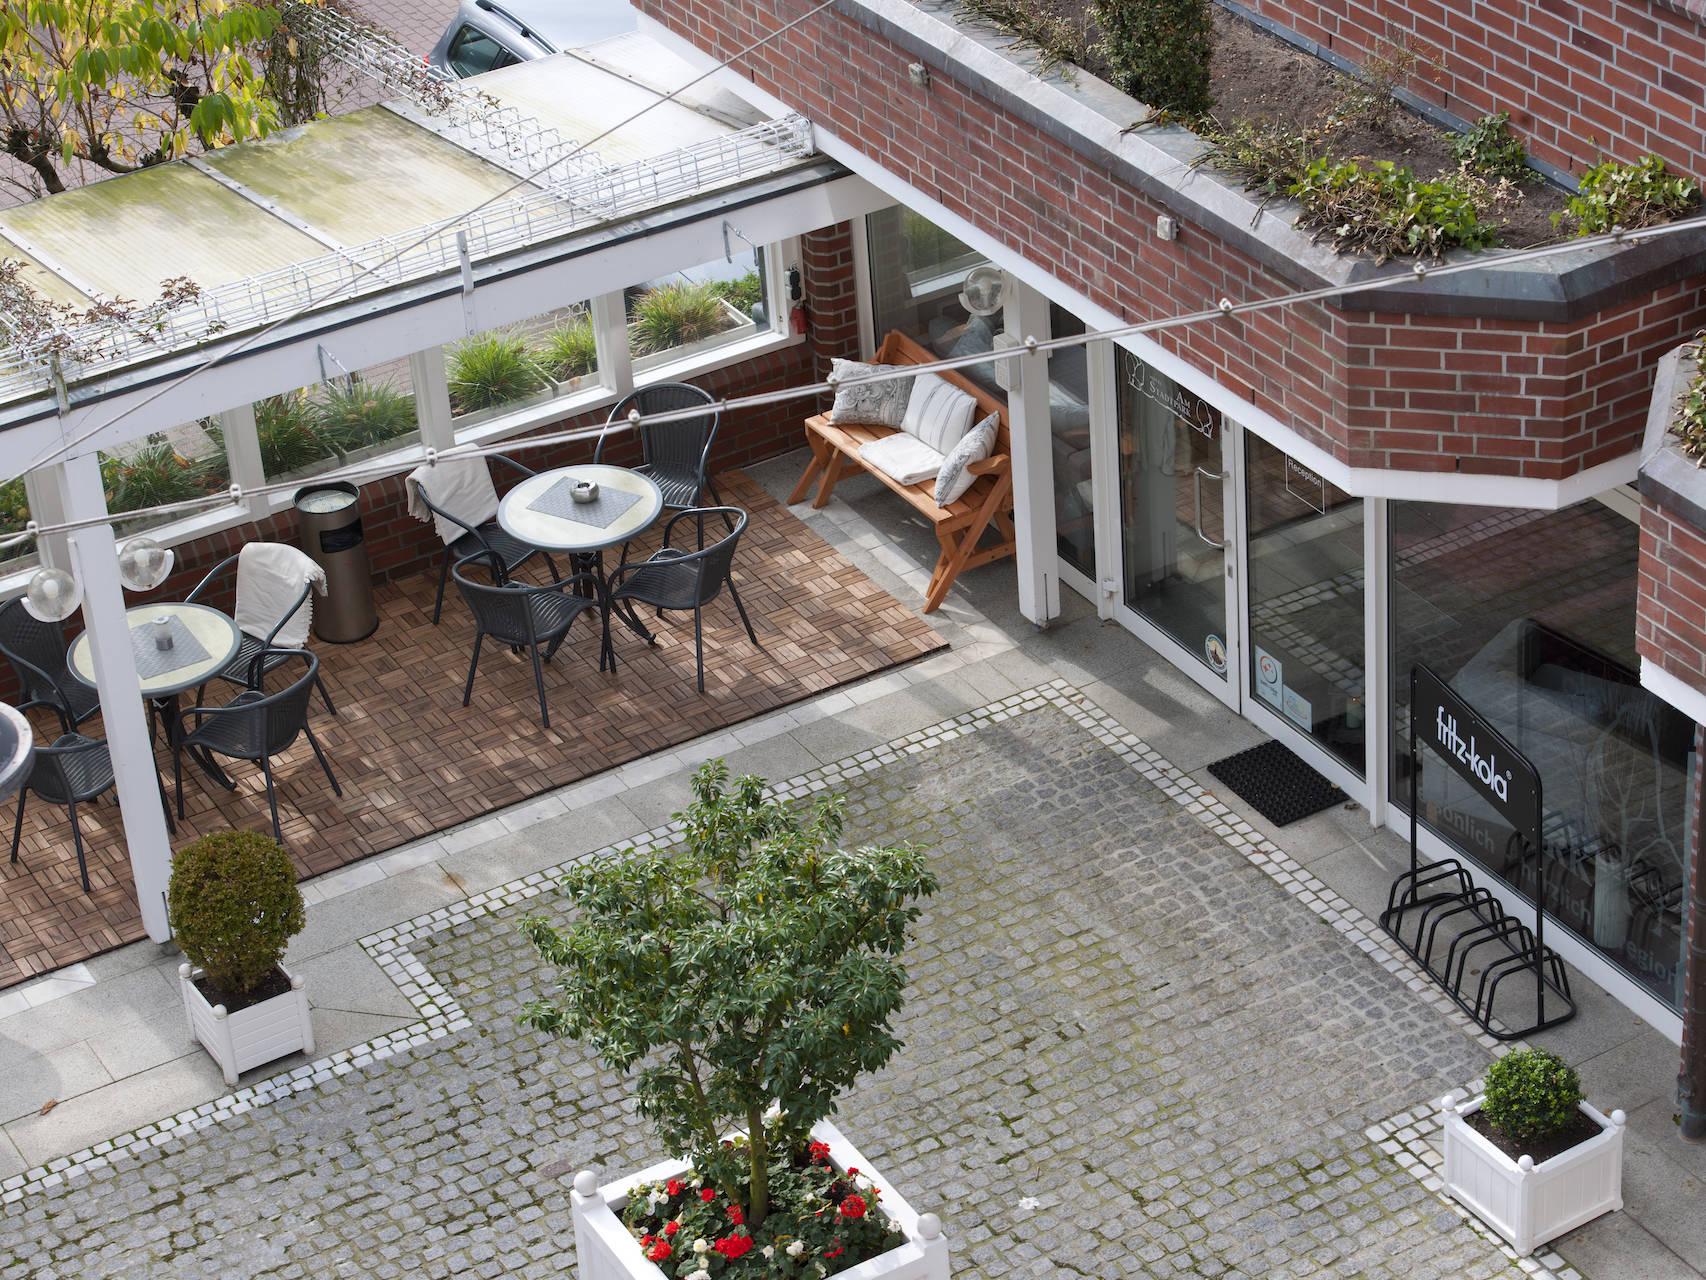 Aussenansicht Hotel am Stadtpark Buxtehude 6 uai